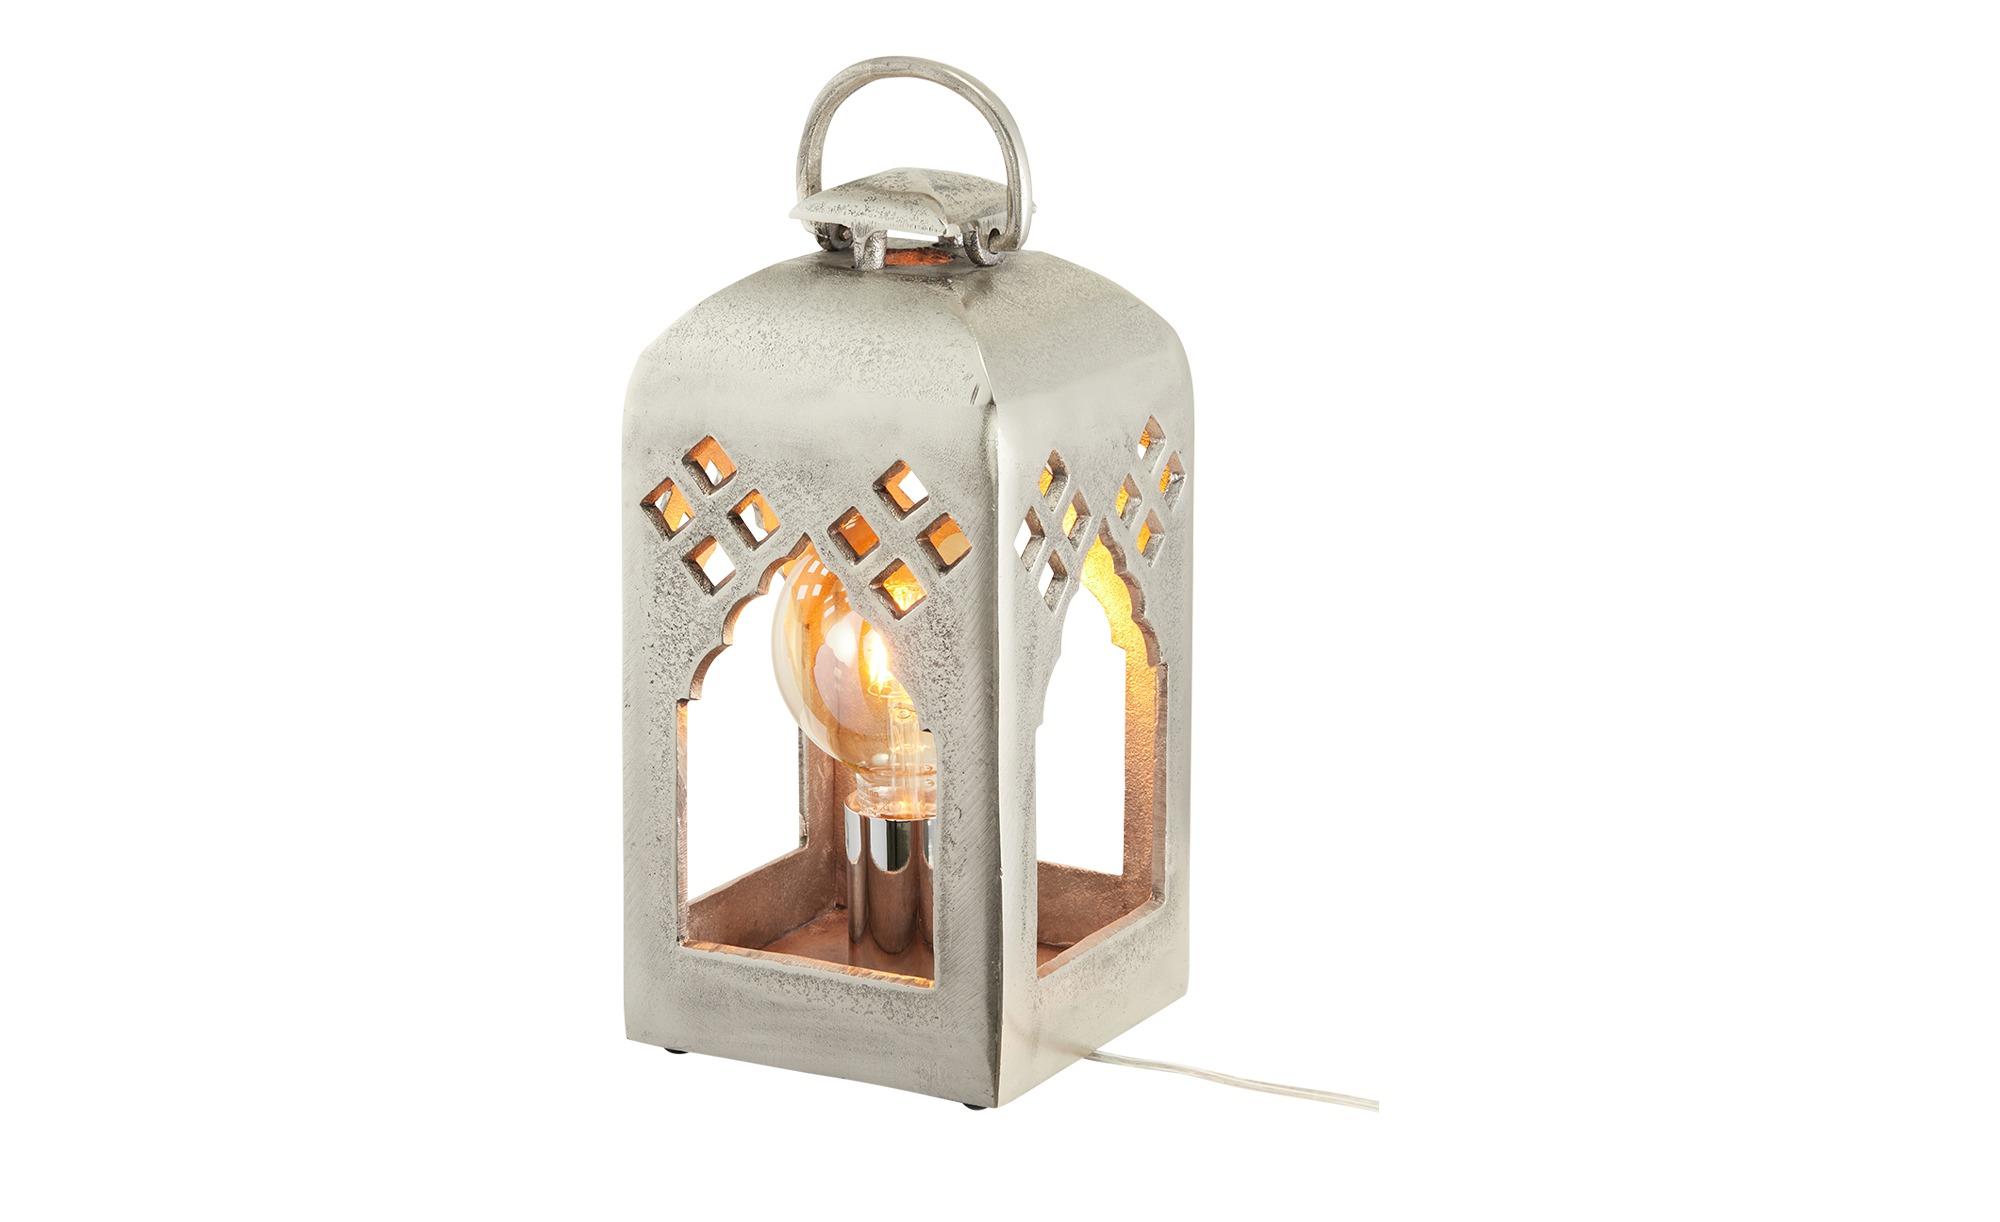 Fischer-Honsel Tischleuchte `Laterne´nickel antik, klein ¦ silber ¦ Maße (cm): B: 15,5 H: 32 Lampen & Leuchten > Innenleuchten > Tischlampen - Höffner